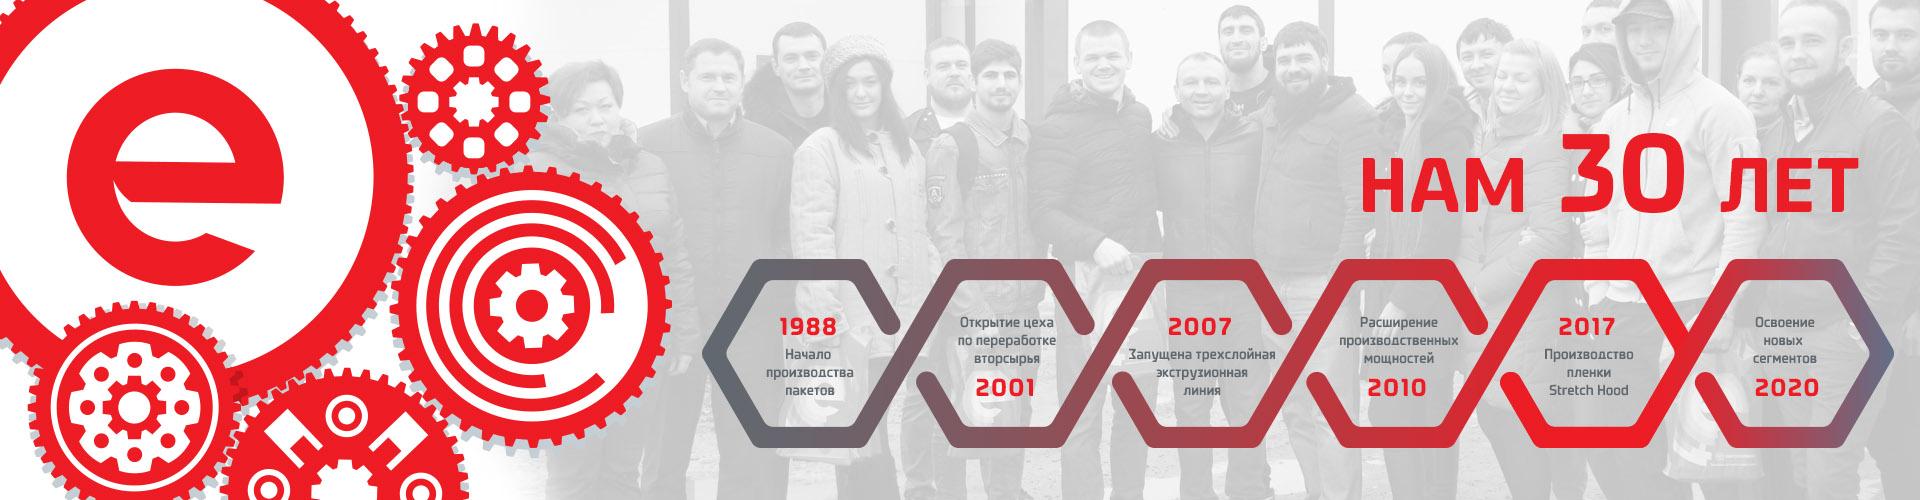 30 лет компании Европолимер